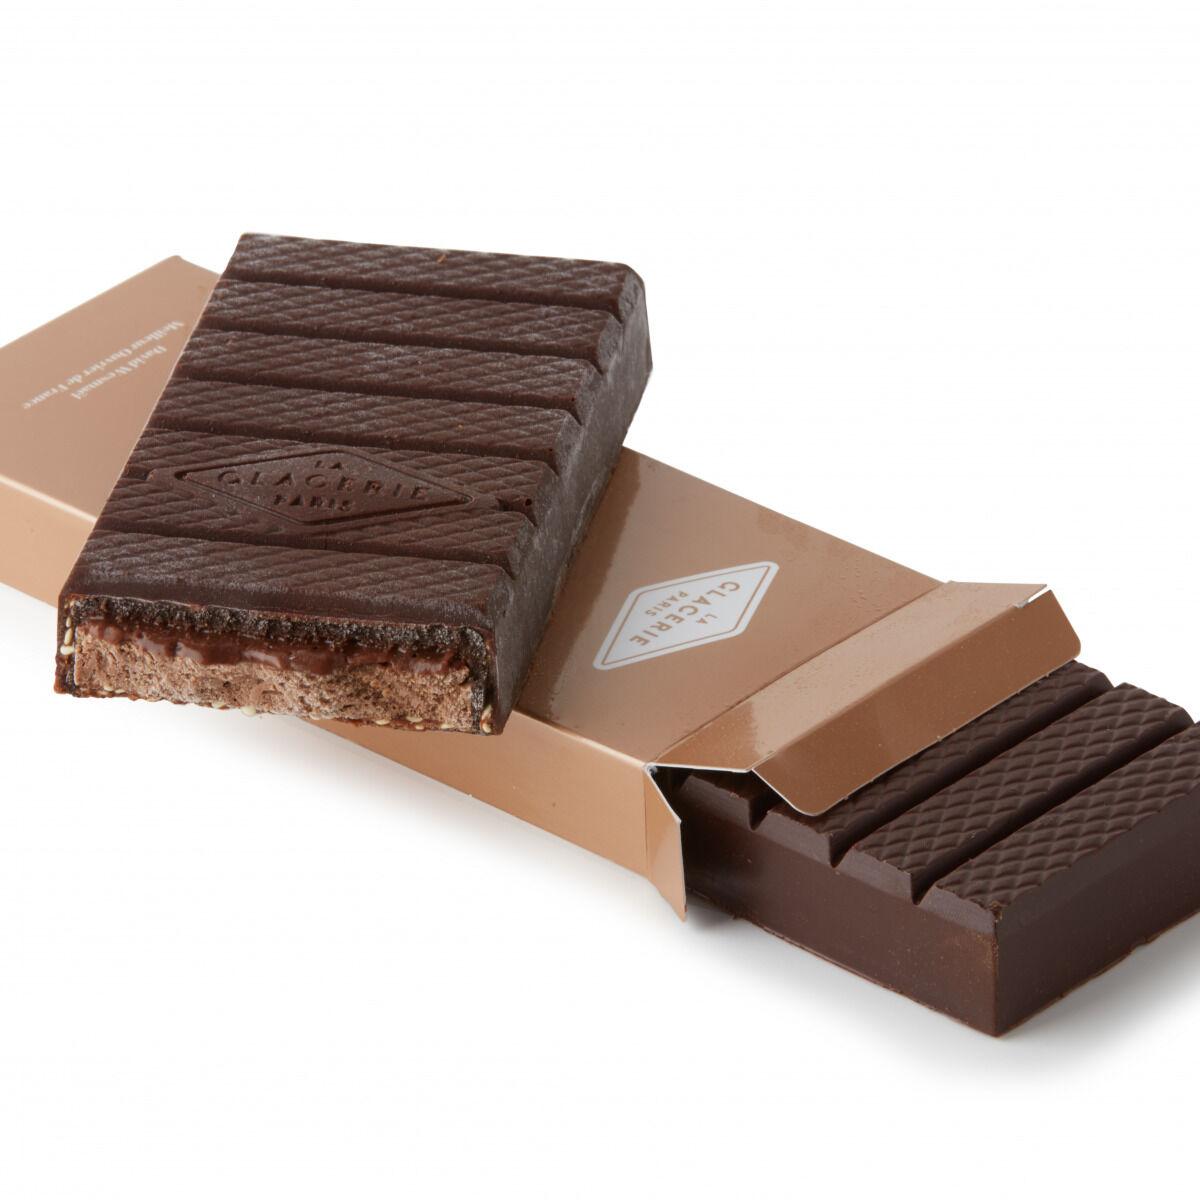 La Glacerie par David Wesmaël - Meilleur Ouvrier de France Glacier Tablette de Chocolat Glacée Très Chocolat